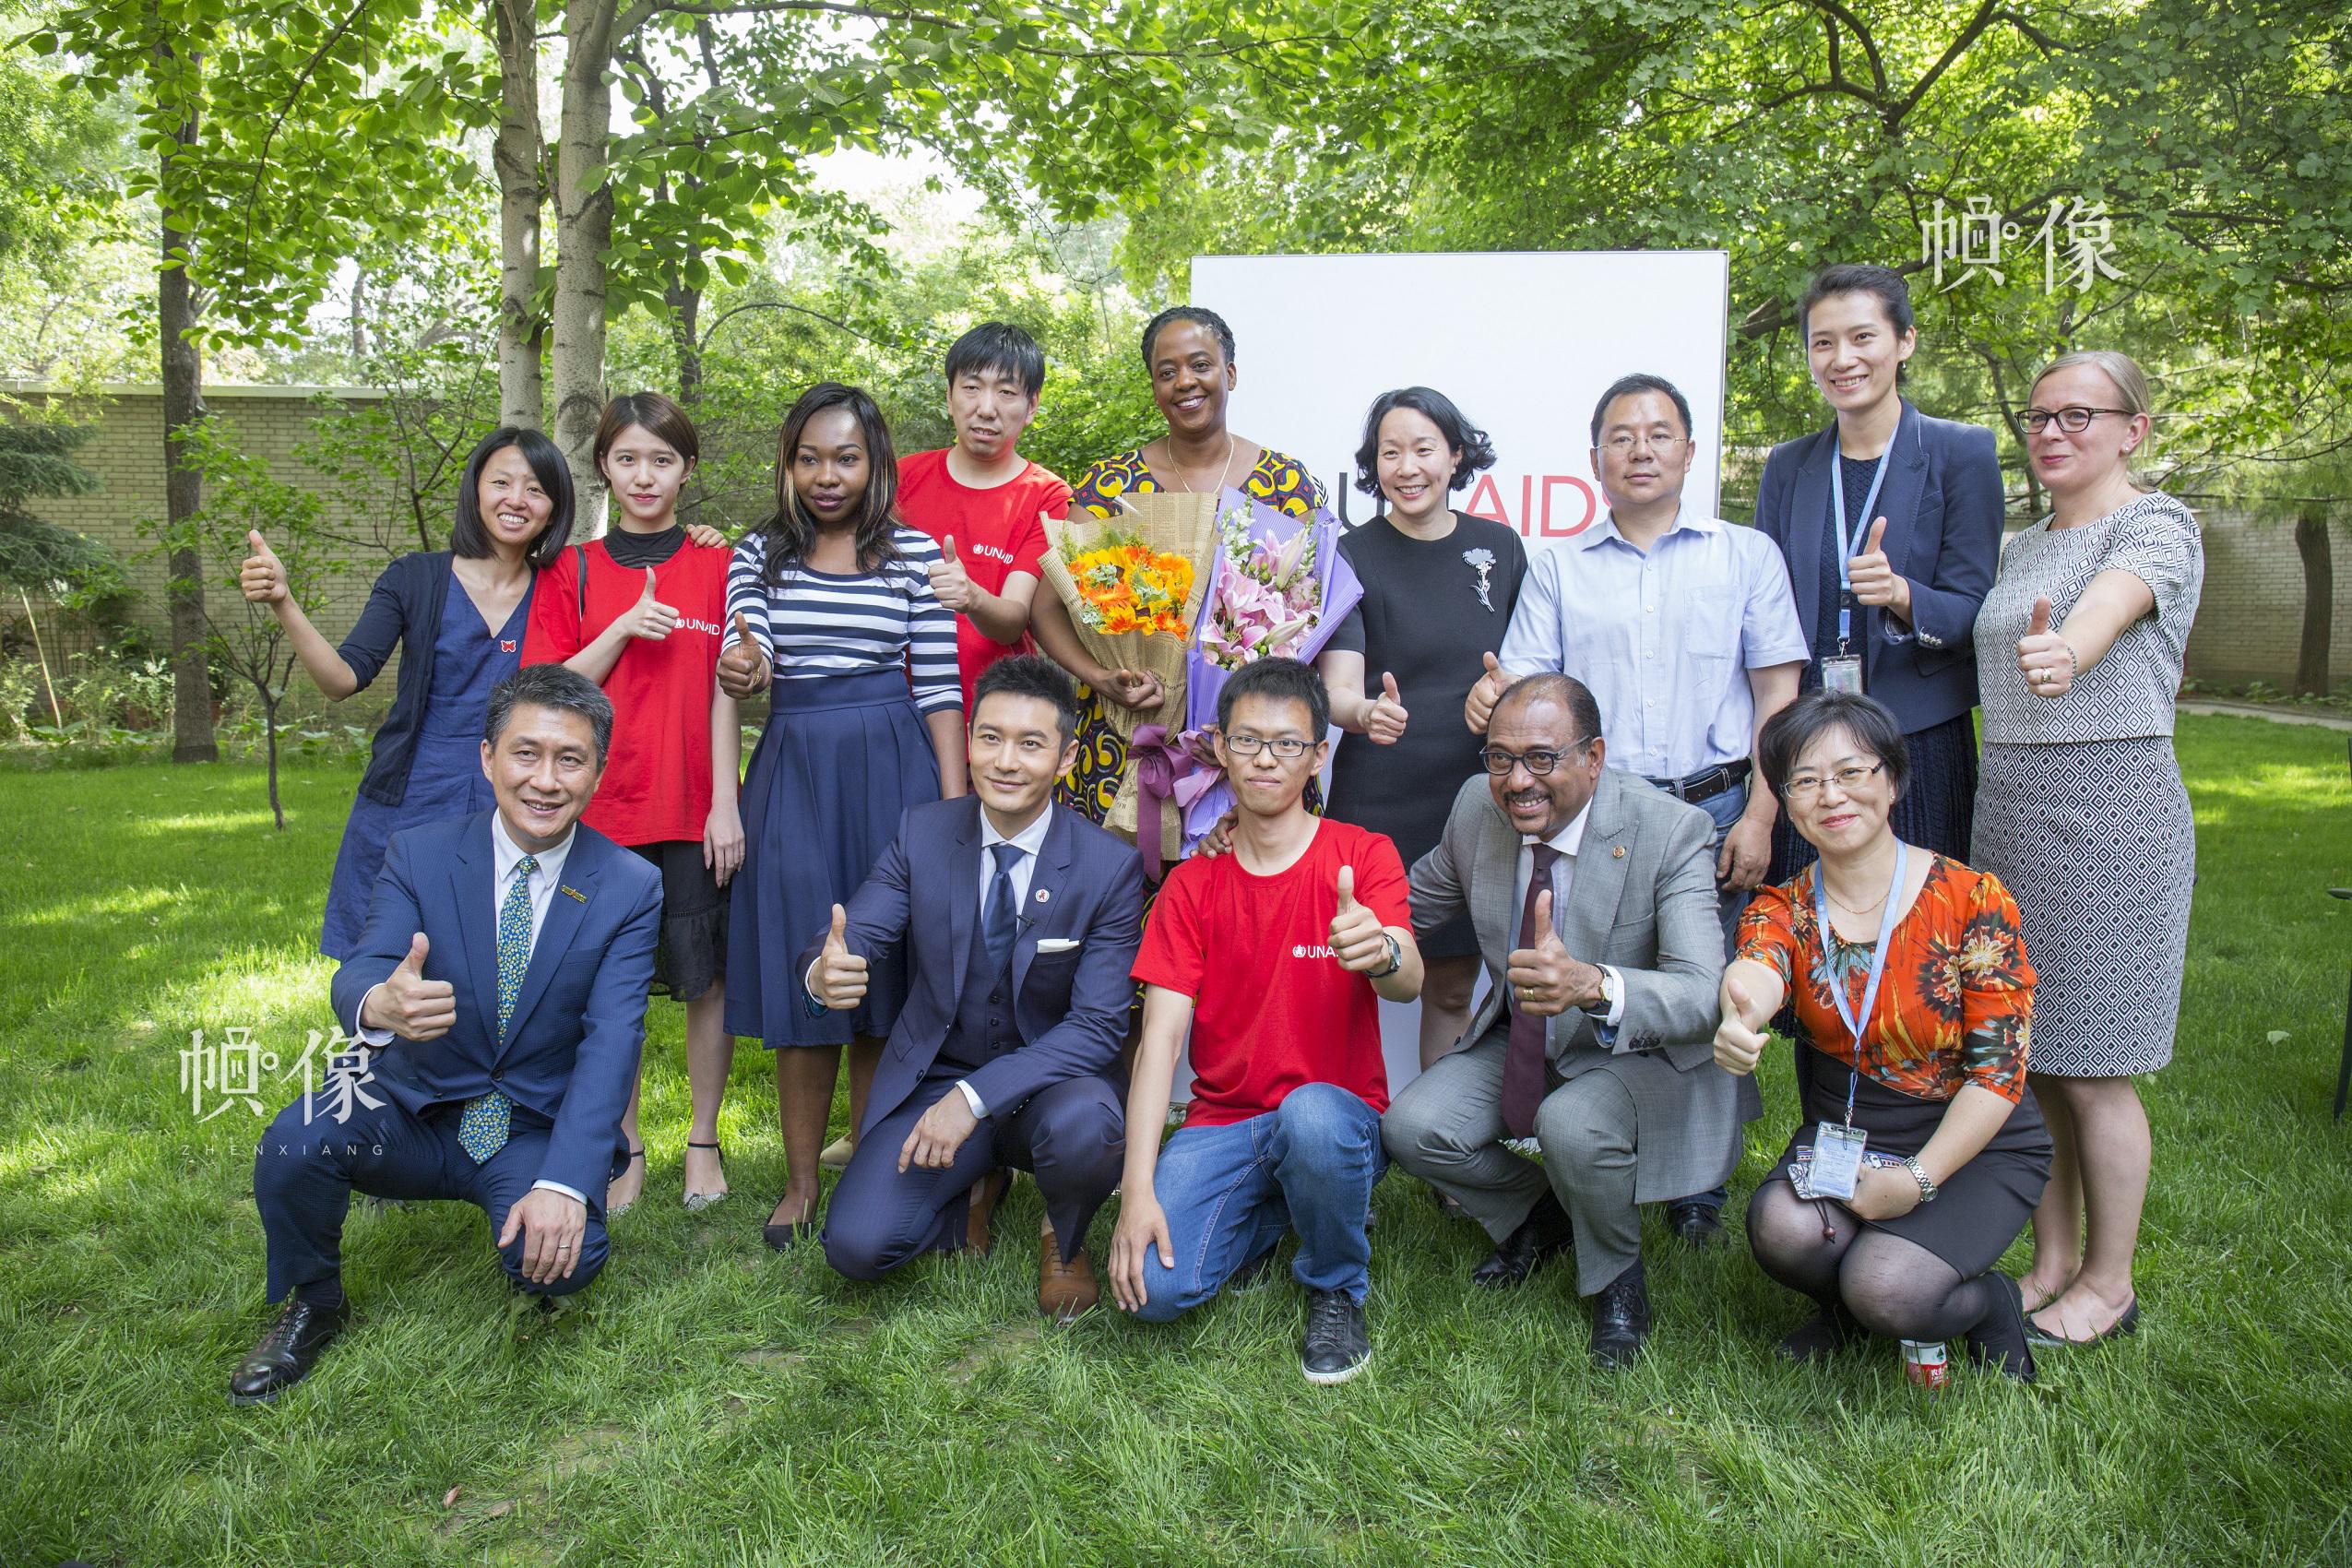 2017年5月12日,联合国艾滋病规划署工作人员与联合国艾滋病亲善大使黄晓明合影。中国网记者 高南 摄